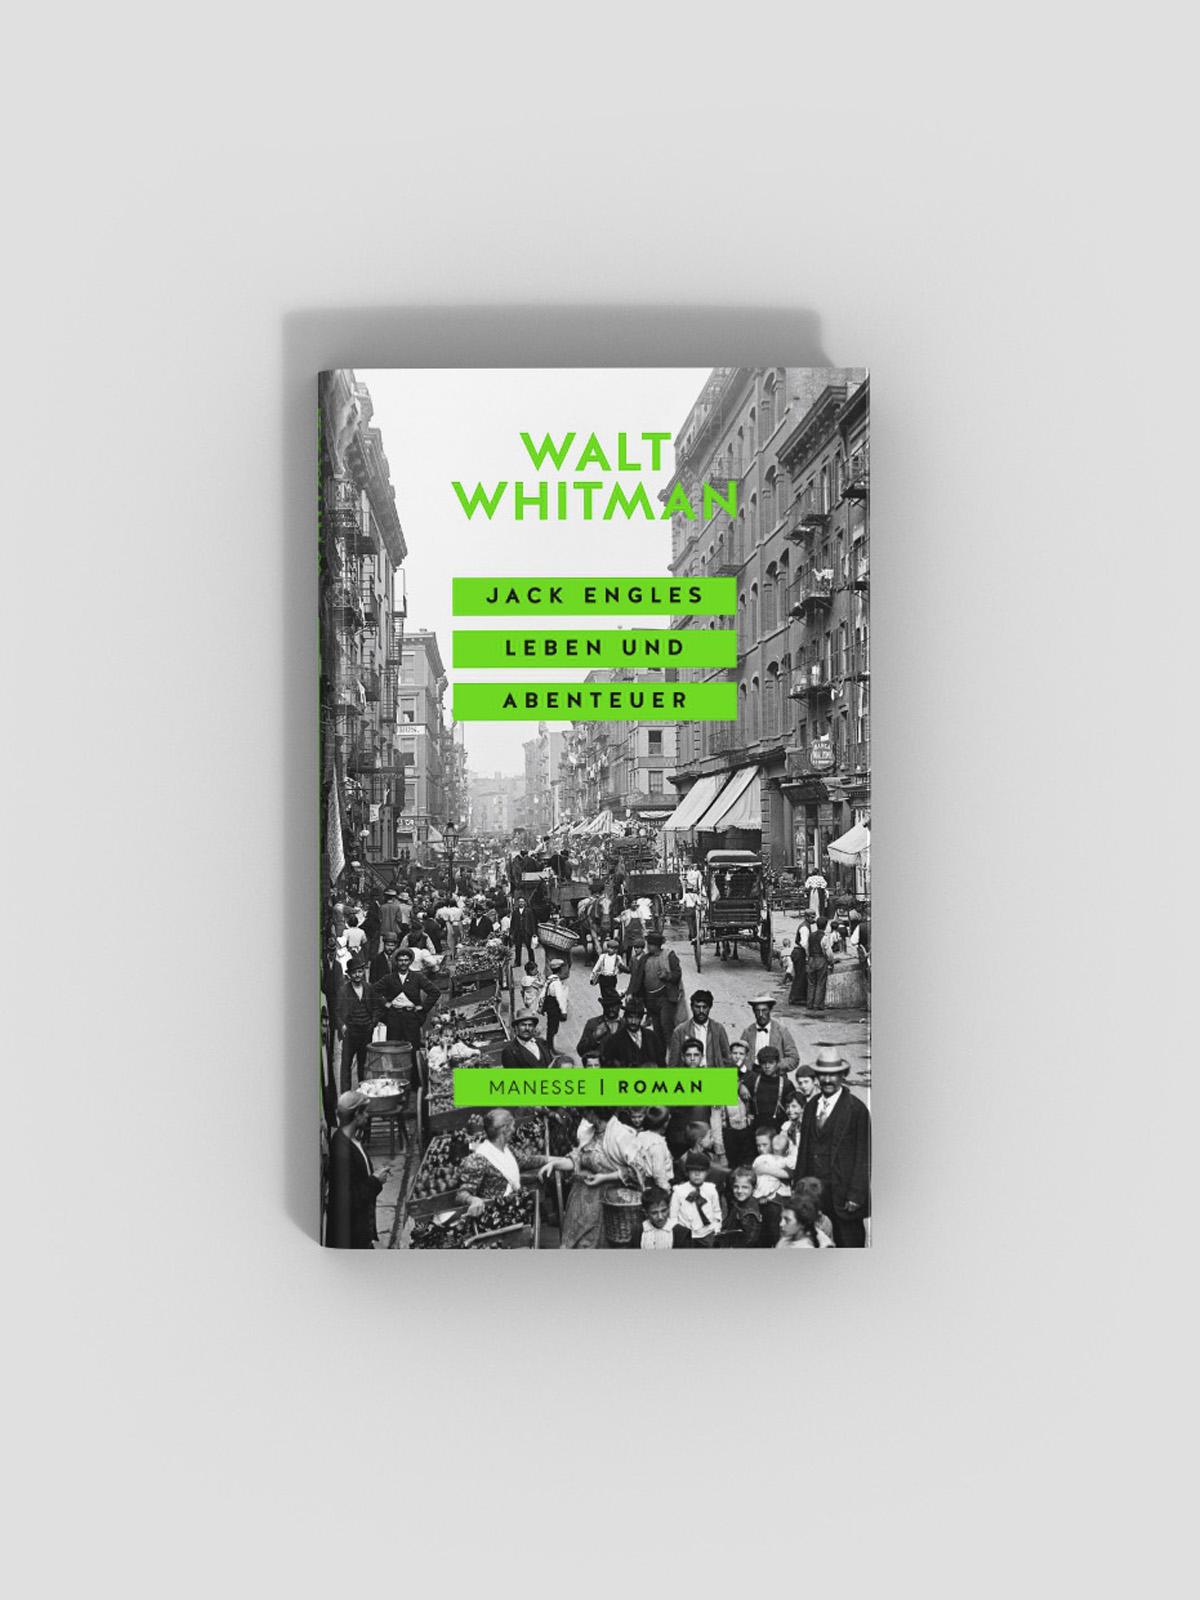 Walt Whitman * Jack Engels Leben und Abenteuer * Manesse Verlag * Buchcovergestaltung ZeroMedia, München